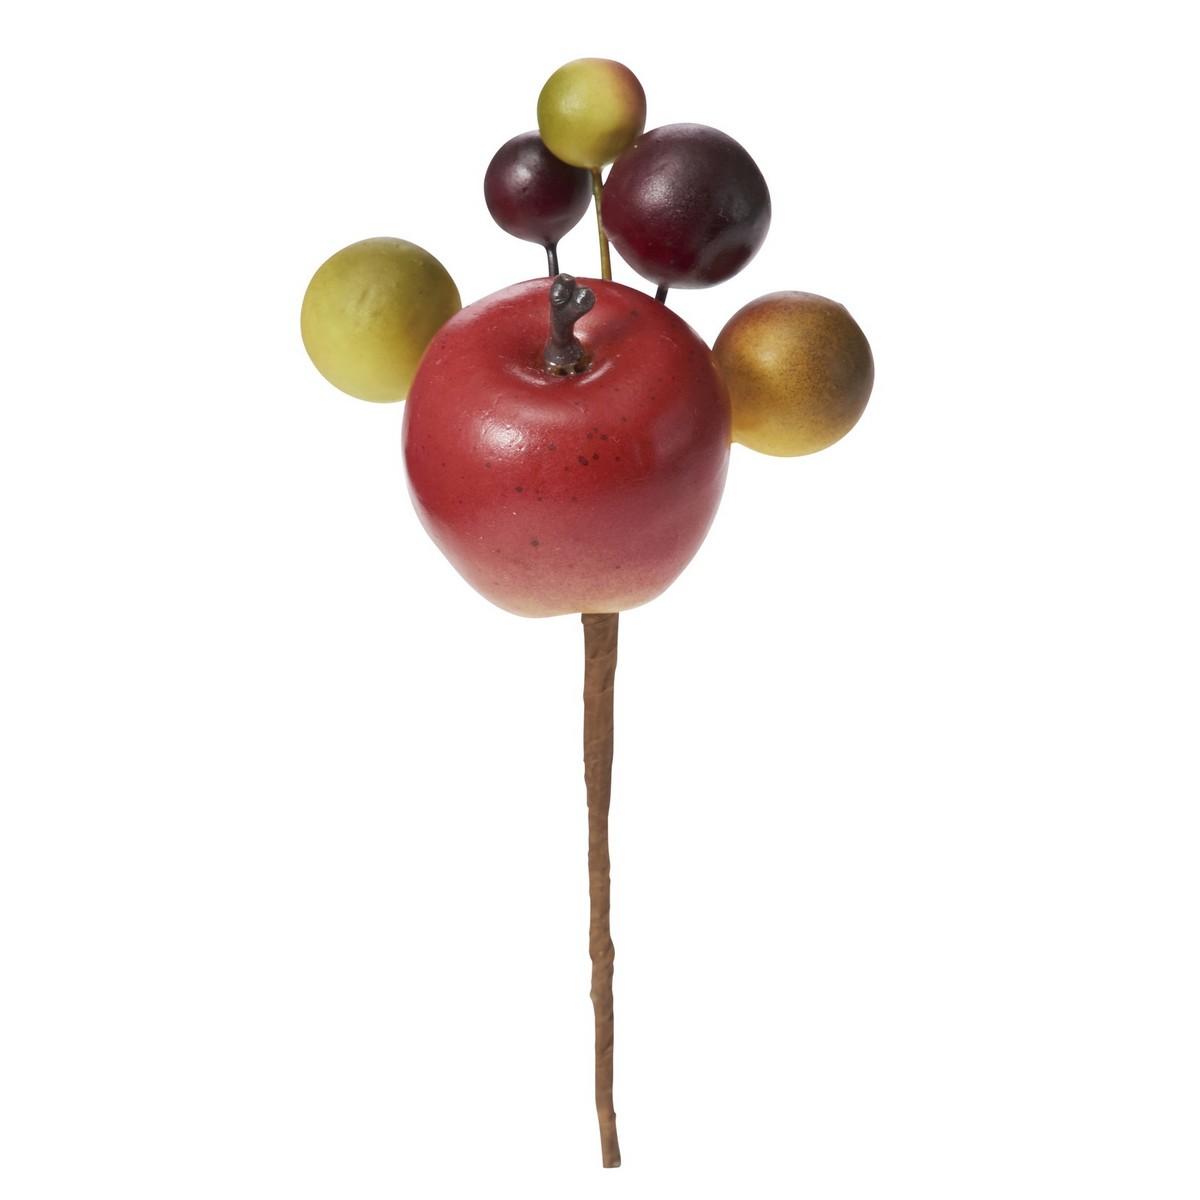 【造花】YDM/ミックスアップルピック /HW -1308【01】【01】【取寄】《 造花(アーティフィシャルフラワー) 造花実物、フェイクフルーツ アップル 》